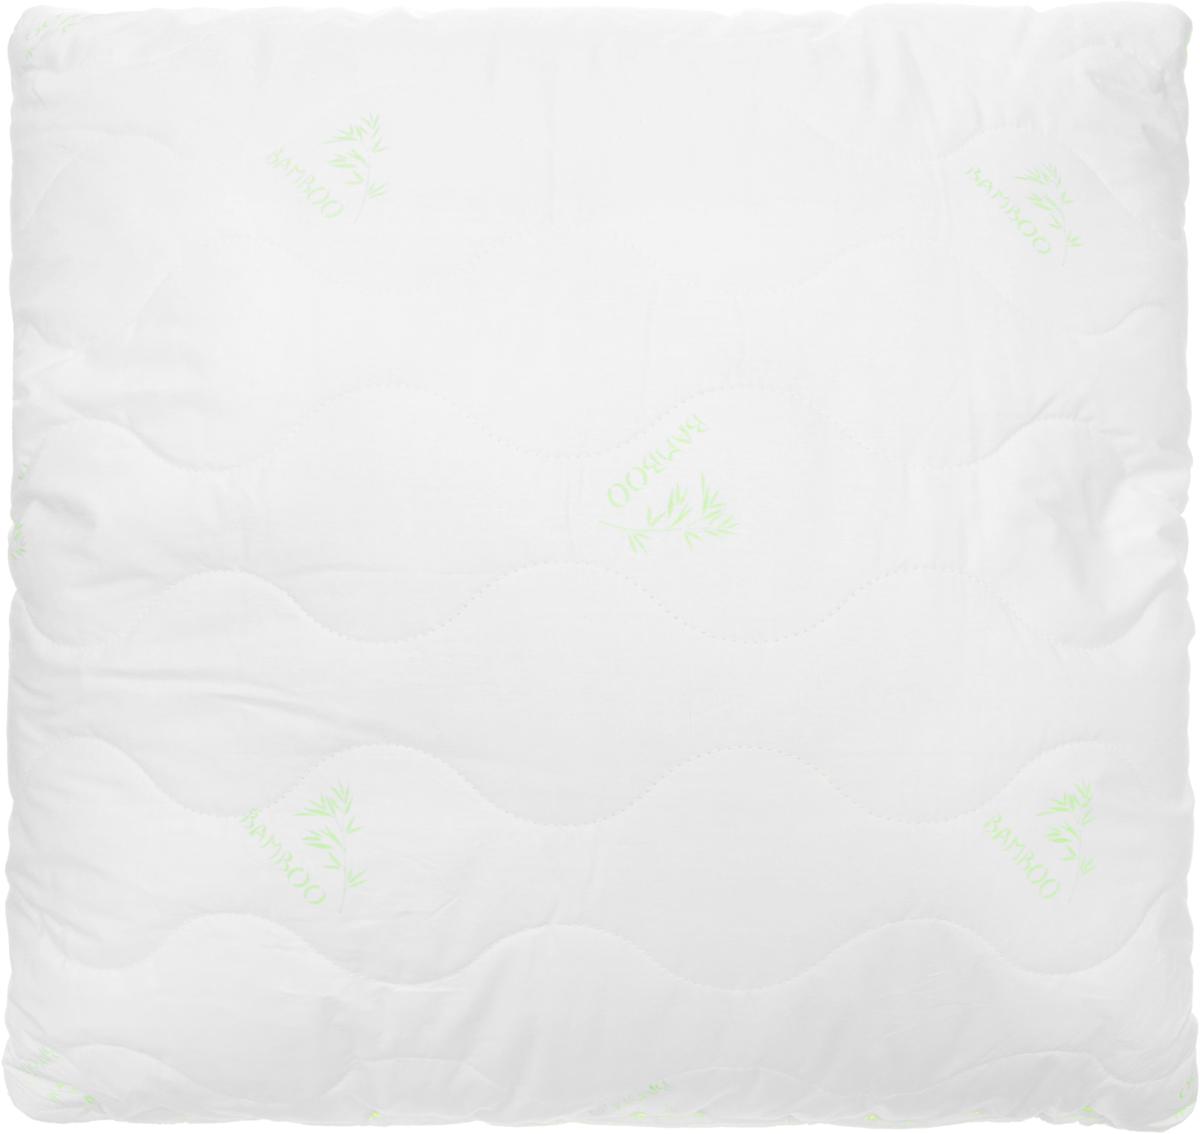 Подушка Ecotex Бамбук - Премиум, наполнитель: пух, полиэстер, 68 х 68 смU210DFПодушка Ecotex Бамбук - Премиум - это удивительный комфорт и актуальный стиль. Чехол подушки выполнен из 100% хлопка. Наполнитель чехла - волокно на основе бамбука, наполнитель подушки - микроволокно DownFill (Лебяжий пух, полиэстер). Подушка имеет классическую квадратную форму и изысканный внешний вид. Важные потребительские свойства подушки Ecotex Бамбук - Премиум:- гипоаллергенность и экологичность;- воздухопроницаемость;- долговечность;- легкость в уходе: легко стирается, быстро сохнет.Оптимальный микроклимат во время сна, бодрость и свежесть каждого утра - это комфорт, которого вы заслуживаете!